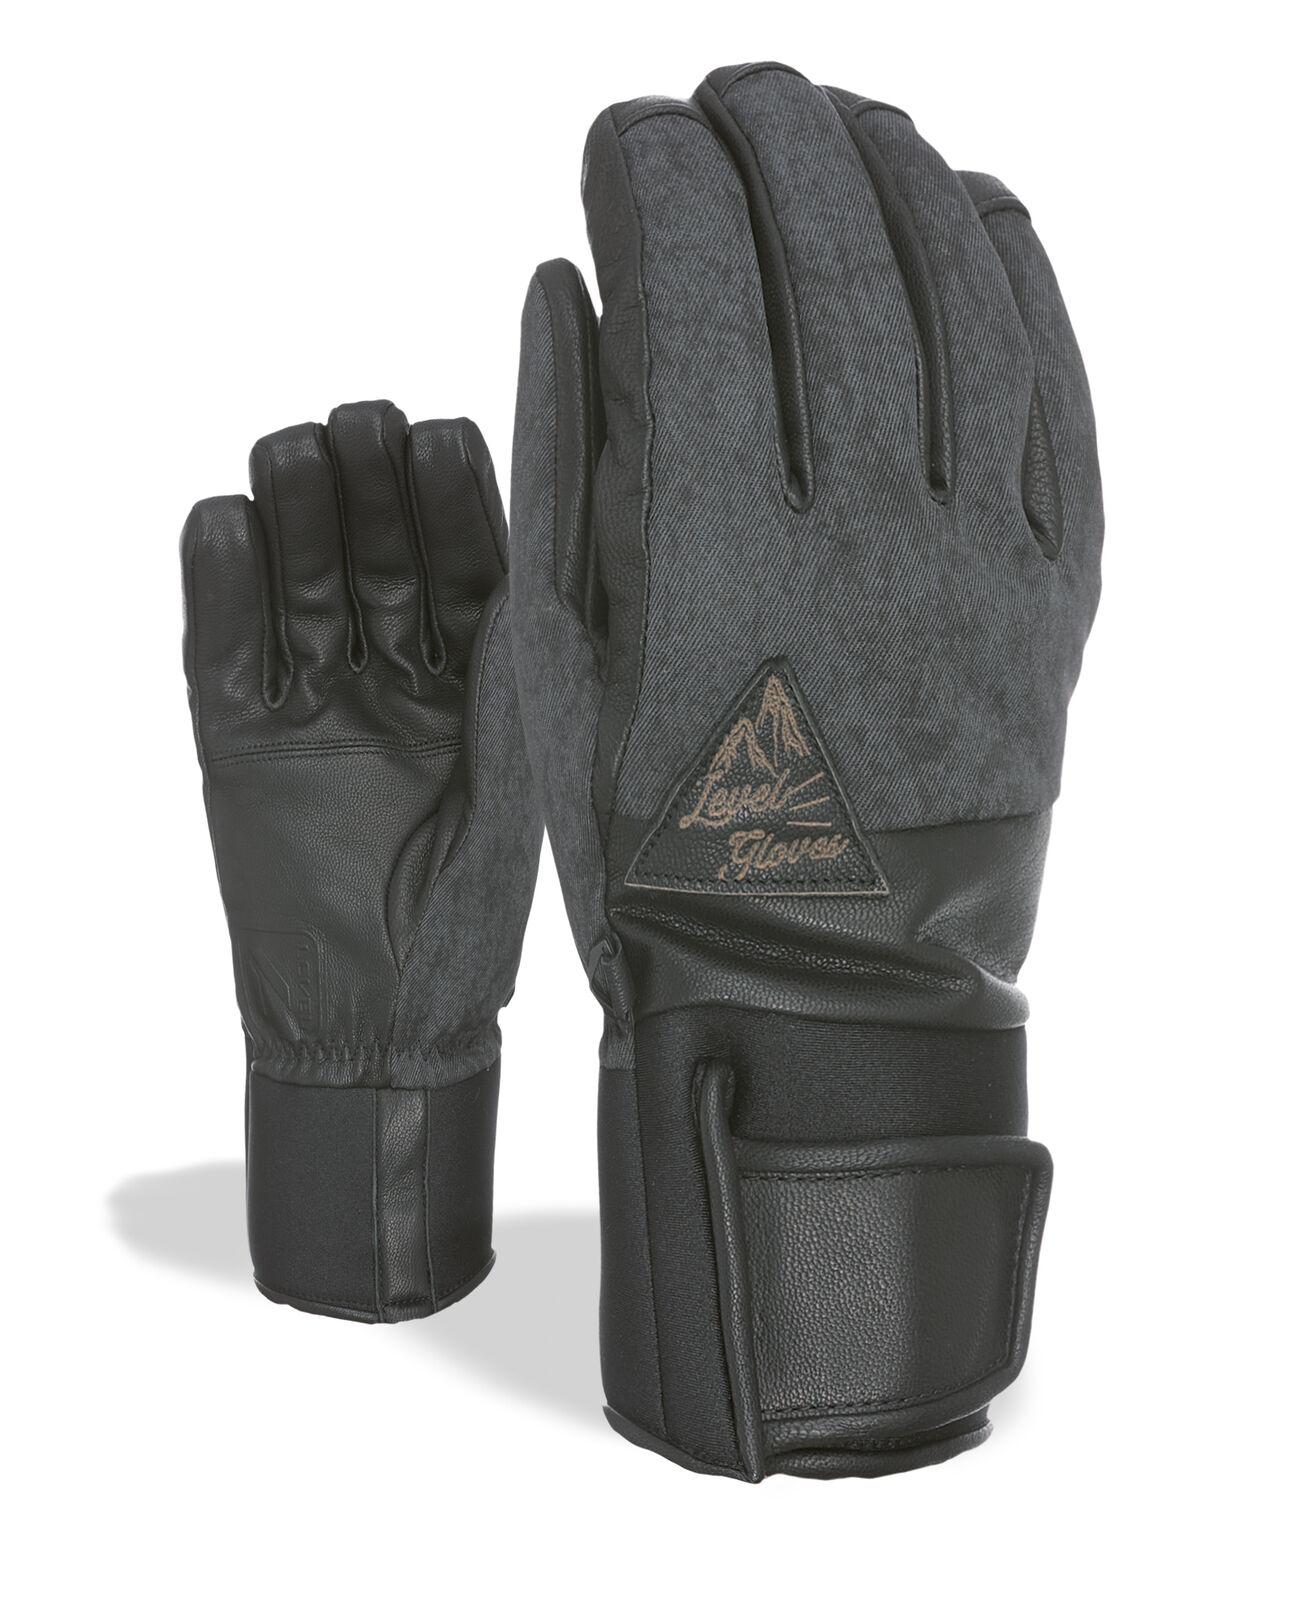 Level Handschuh Rover grey wasserdicht atmungsaktiv wärmend meliert